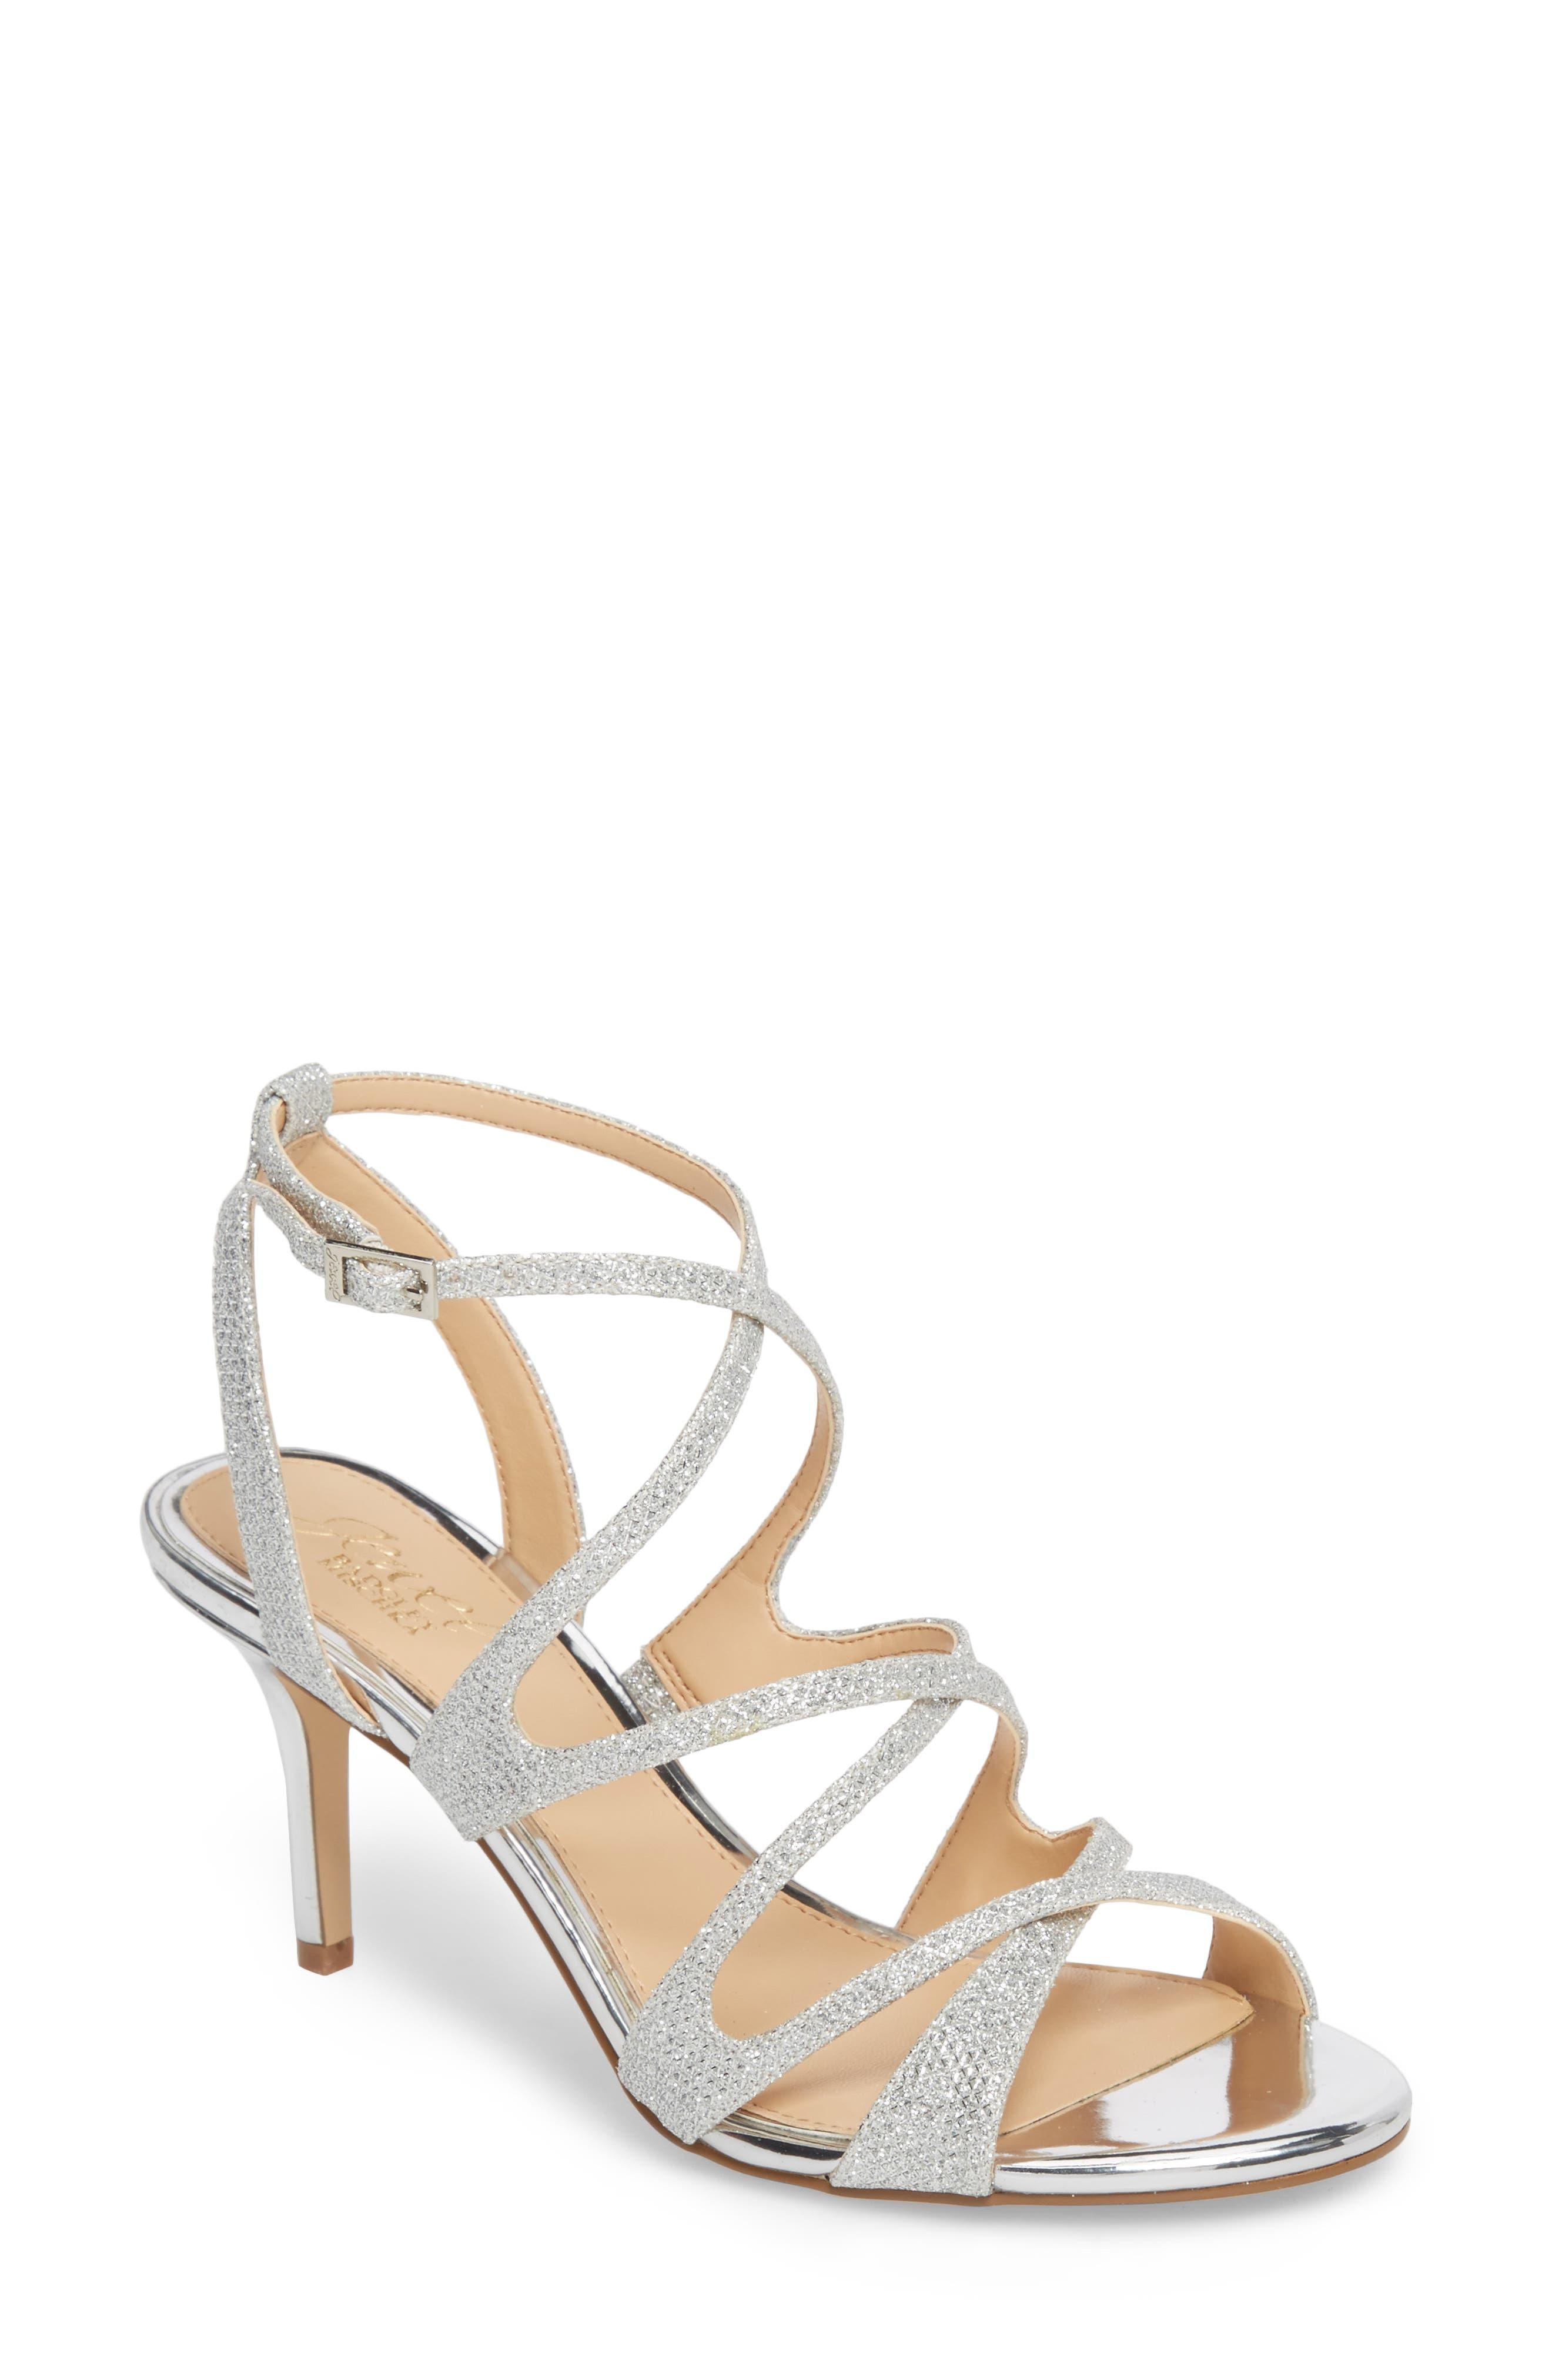 Tasha Glitter Sandal,                             Main thumbnail 1, color,                             043